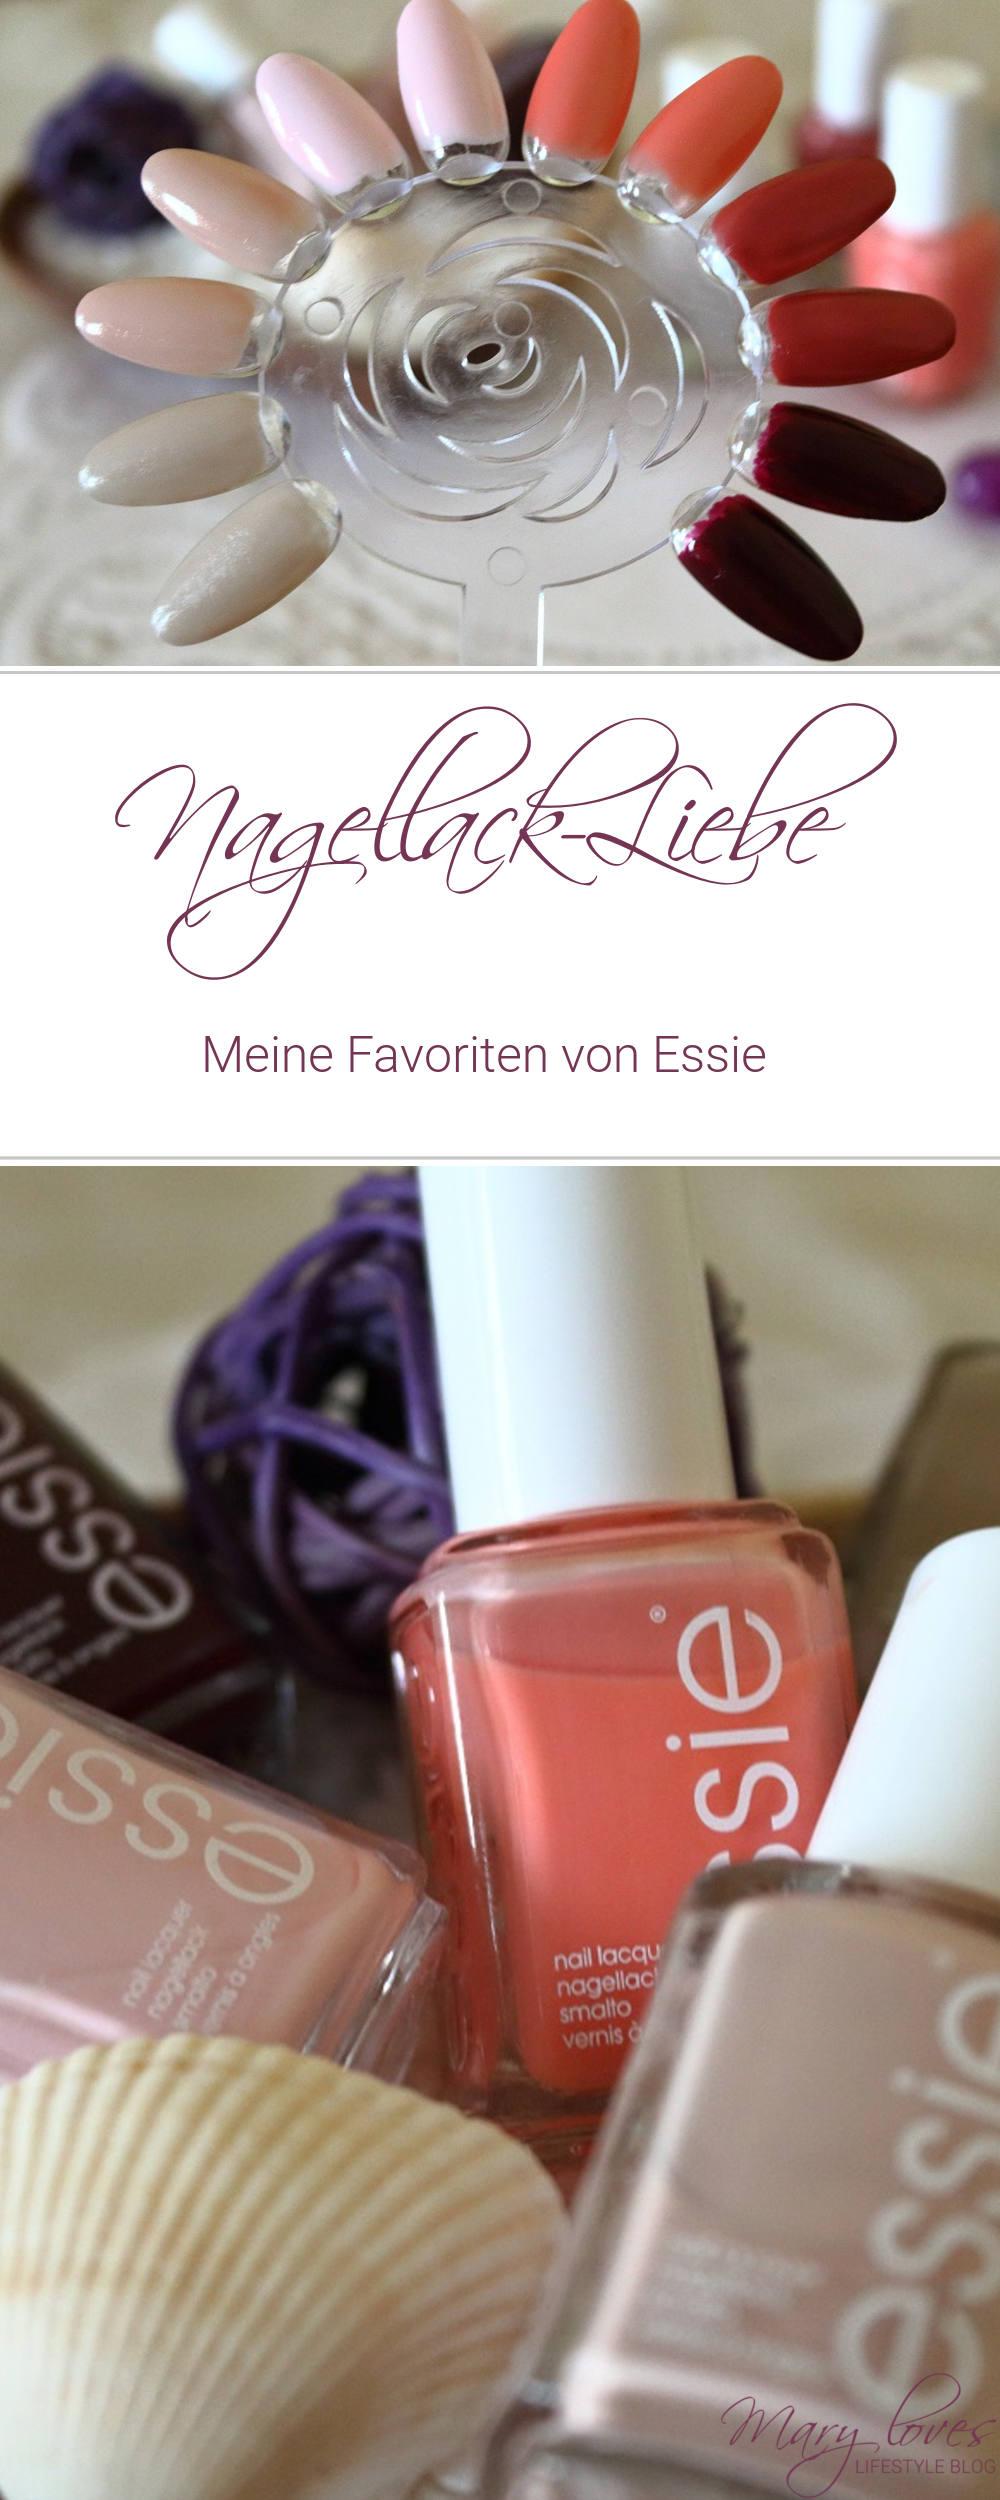 Nagellack-Liebe: Meine Essie-Lieblinge - Mary Loves